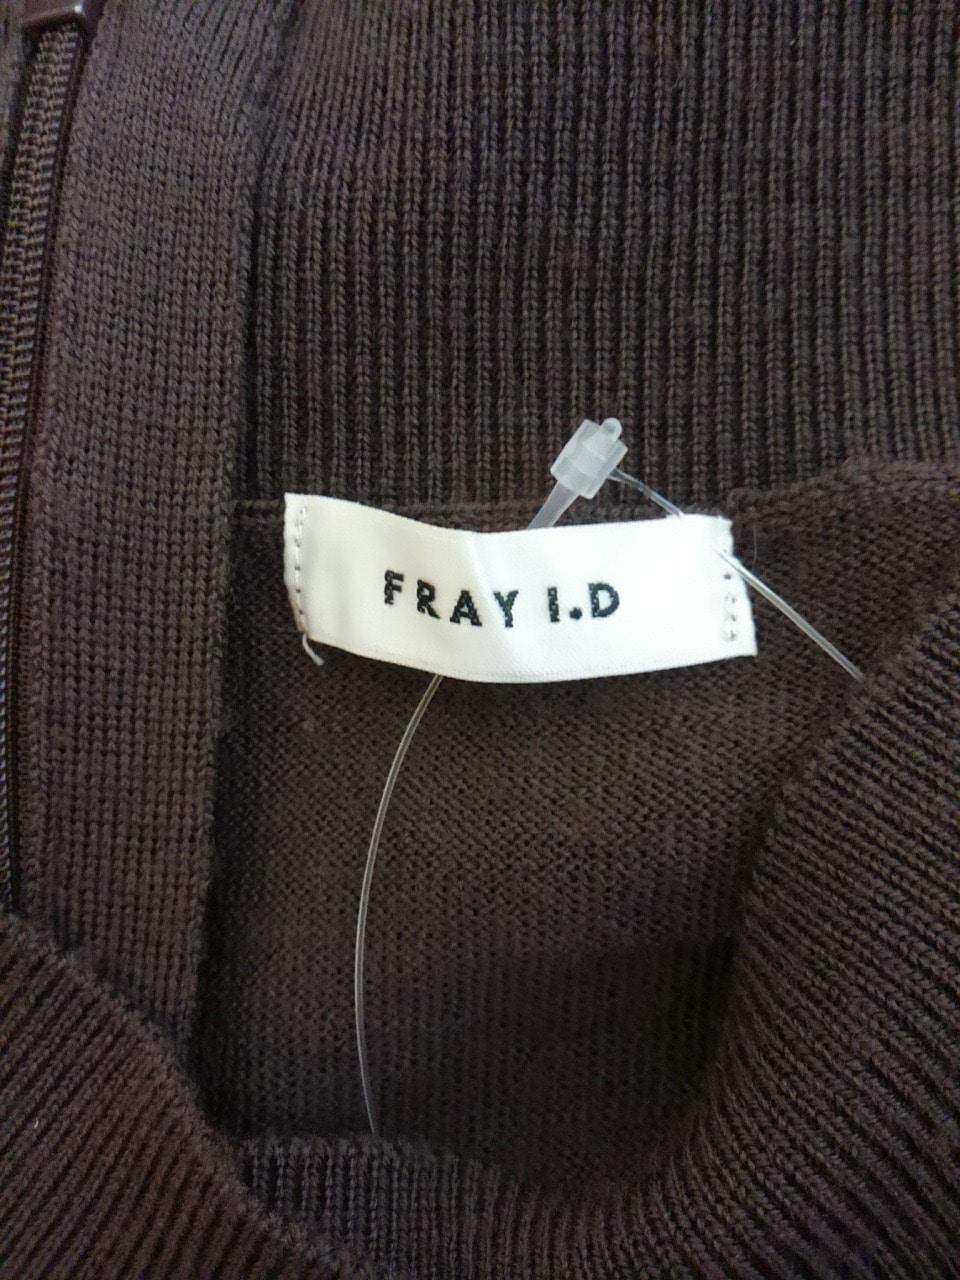 FRAY I.D(フレイアイディー)のオールインワン